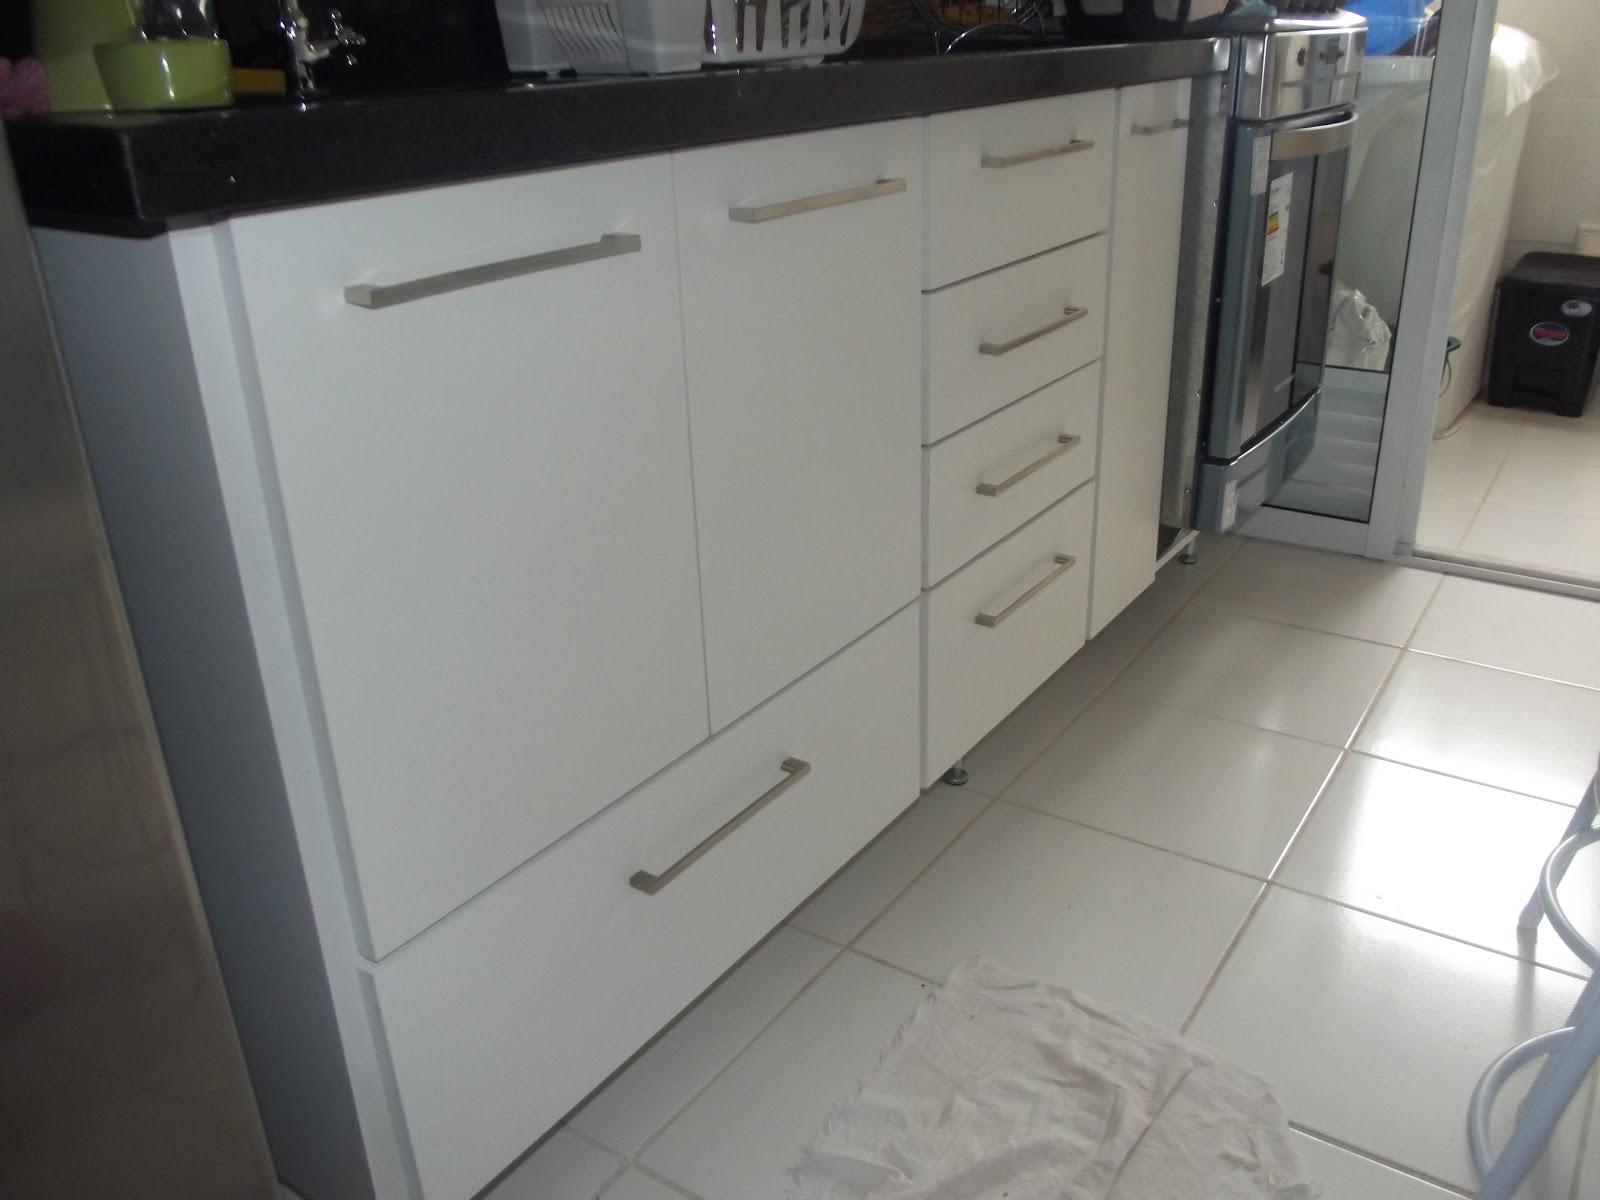 #57534A PROJETOS EM MADEIRA MACIÇA E MOVEIS SOB MEDIDA: Cozinha Banheiro e  1600x1200 px Projetos Modernos De Cozinha #839 imagens